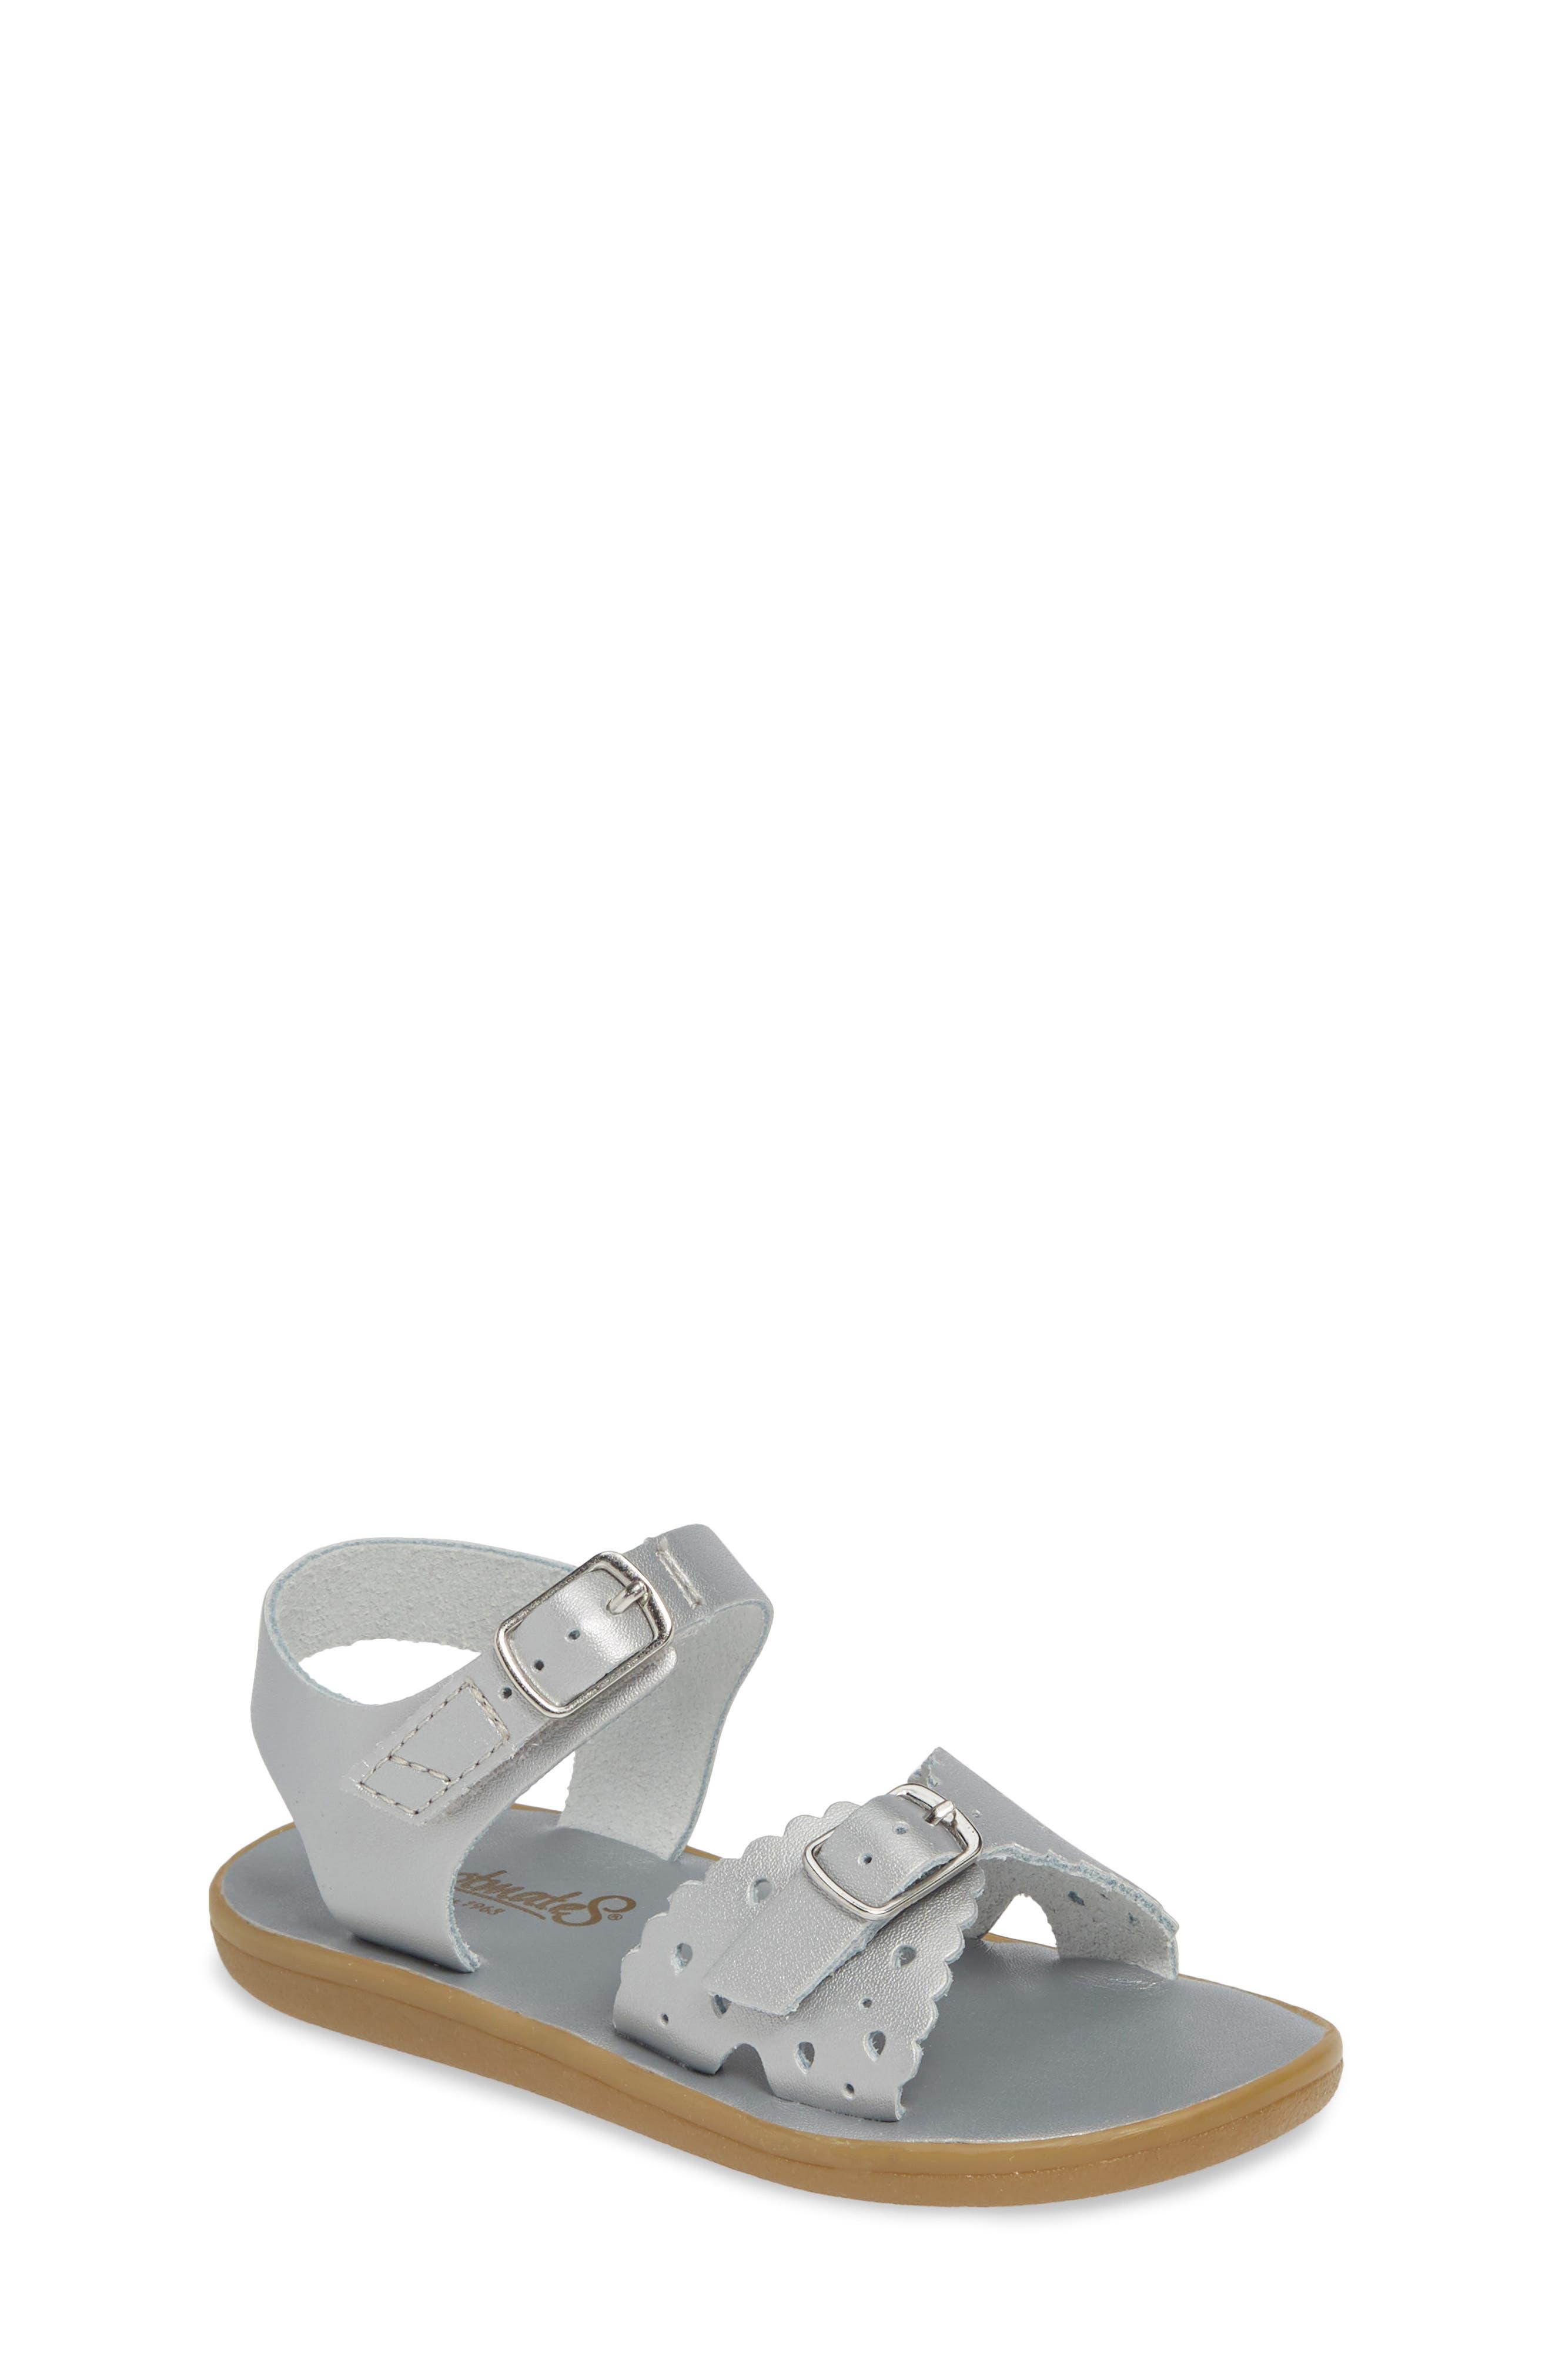 FOOTMATES Arie Waterproof Sandal, Main, color, SILVER